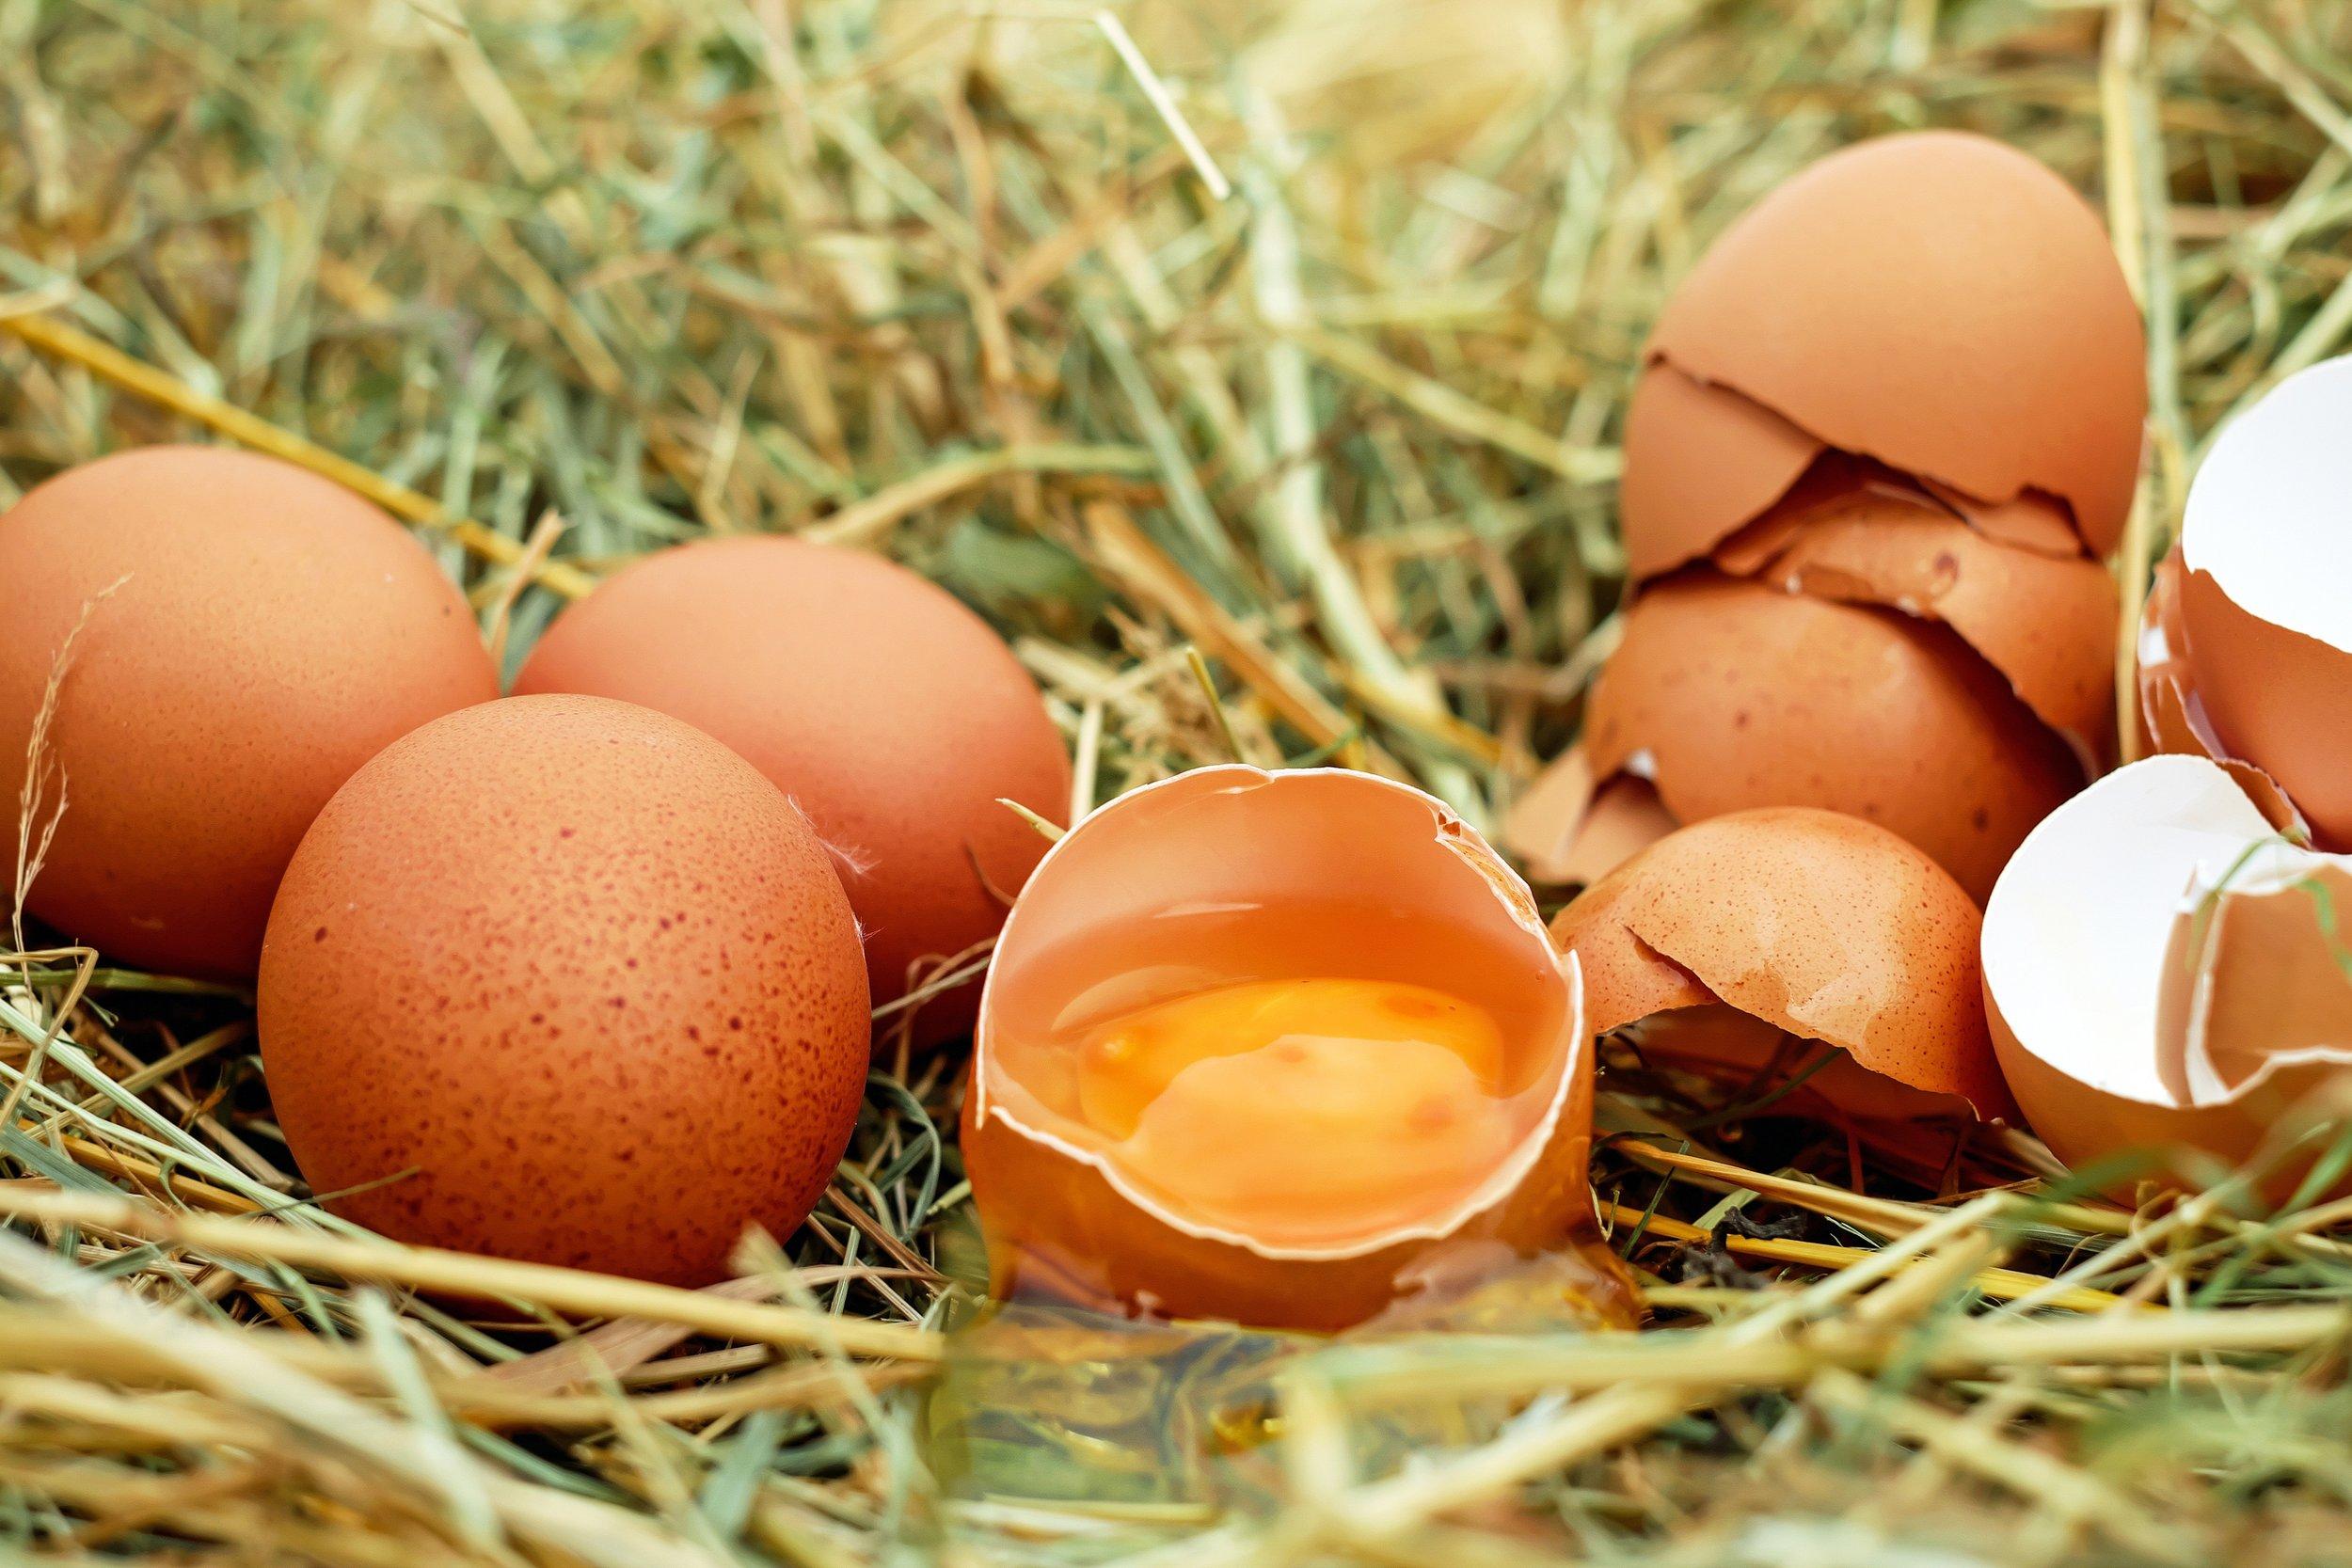 cracked-egg-yolk-eggs-128885.jpg